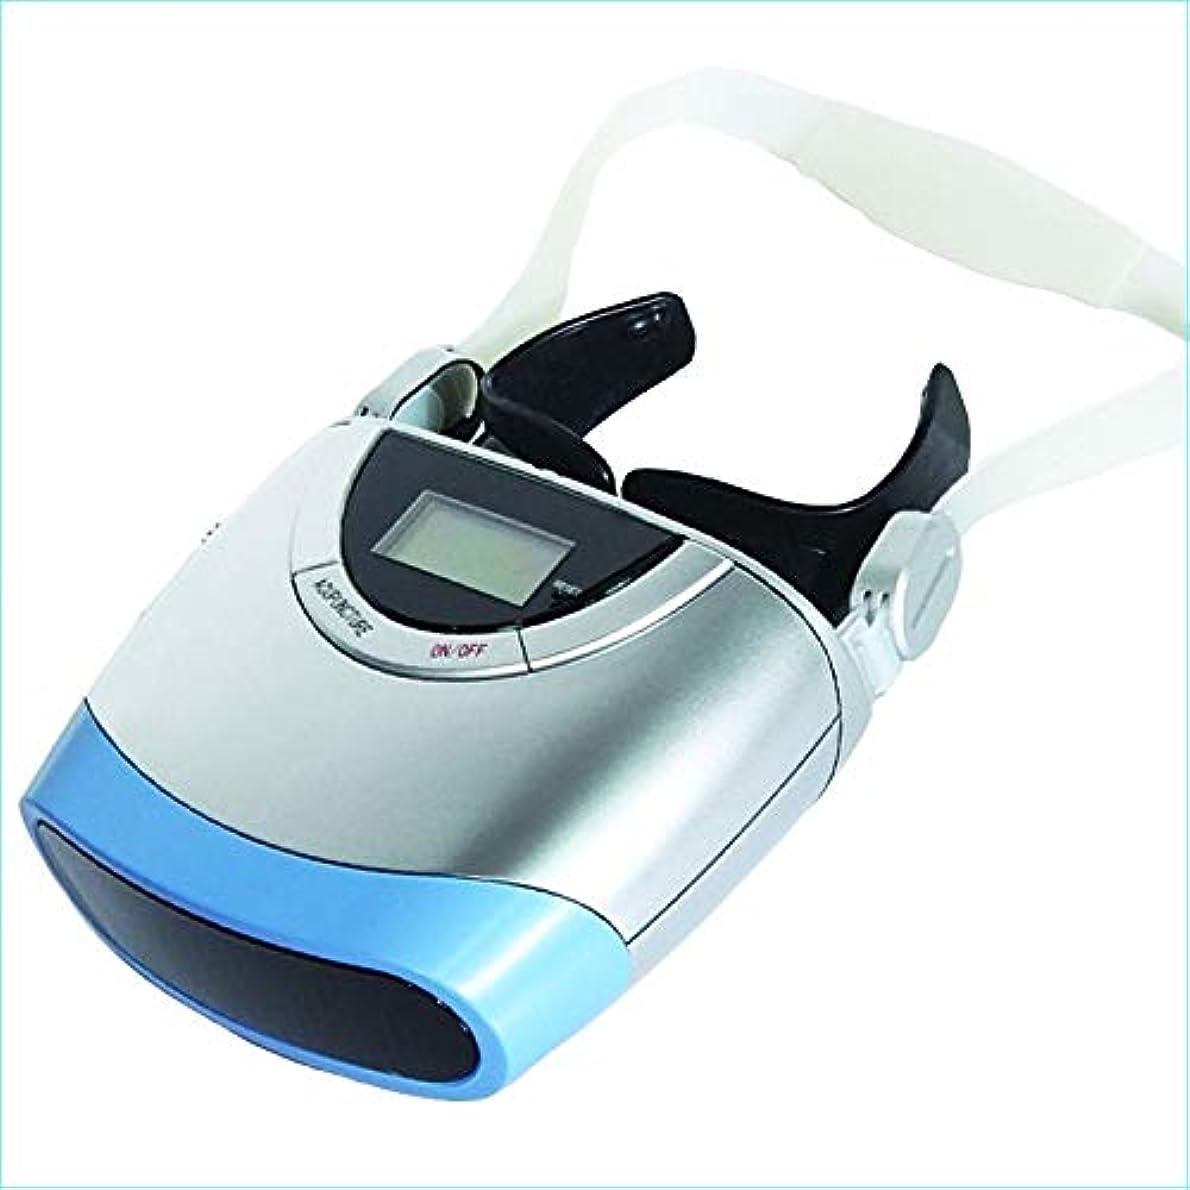 今後北東フィヨルドMeet now 近視用器具治療用3D視力回復装置、鍼レーザーアイマッサージャーII 品質保証